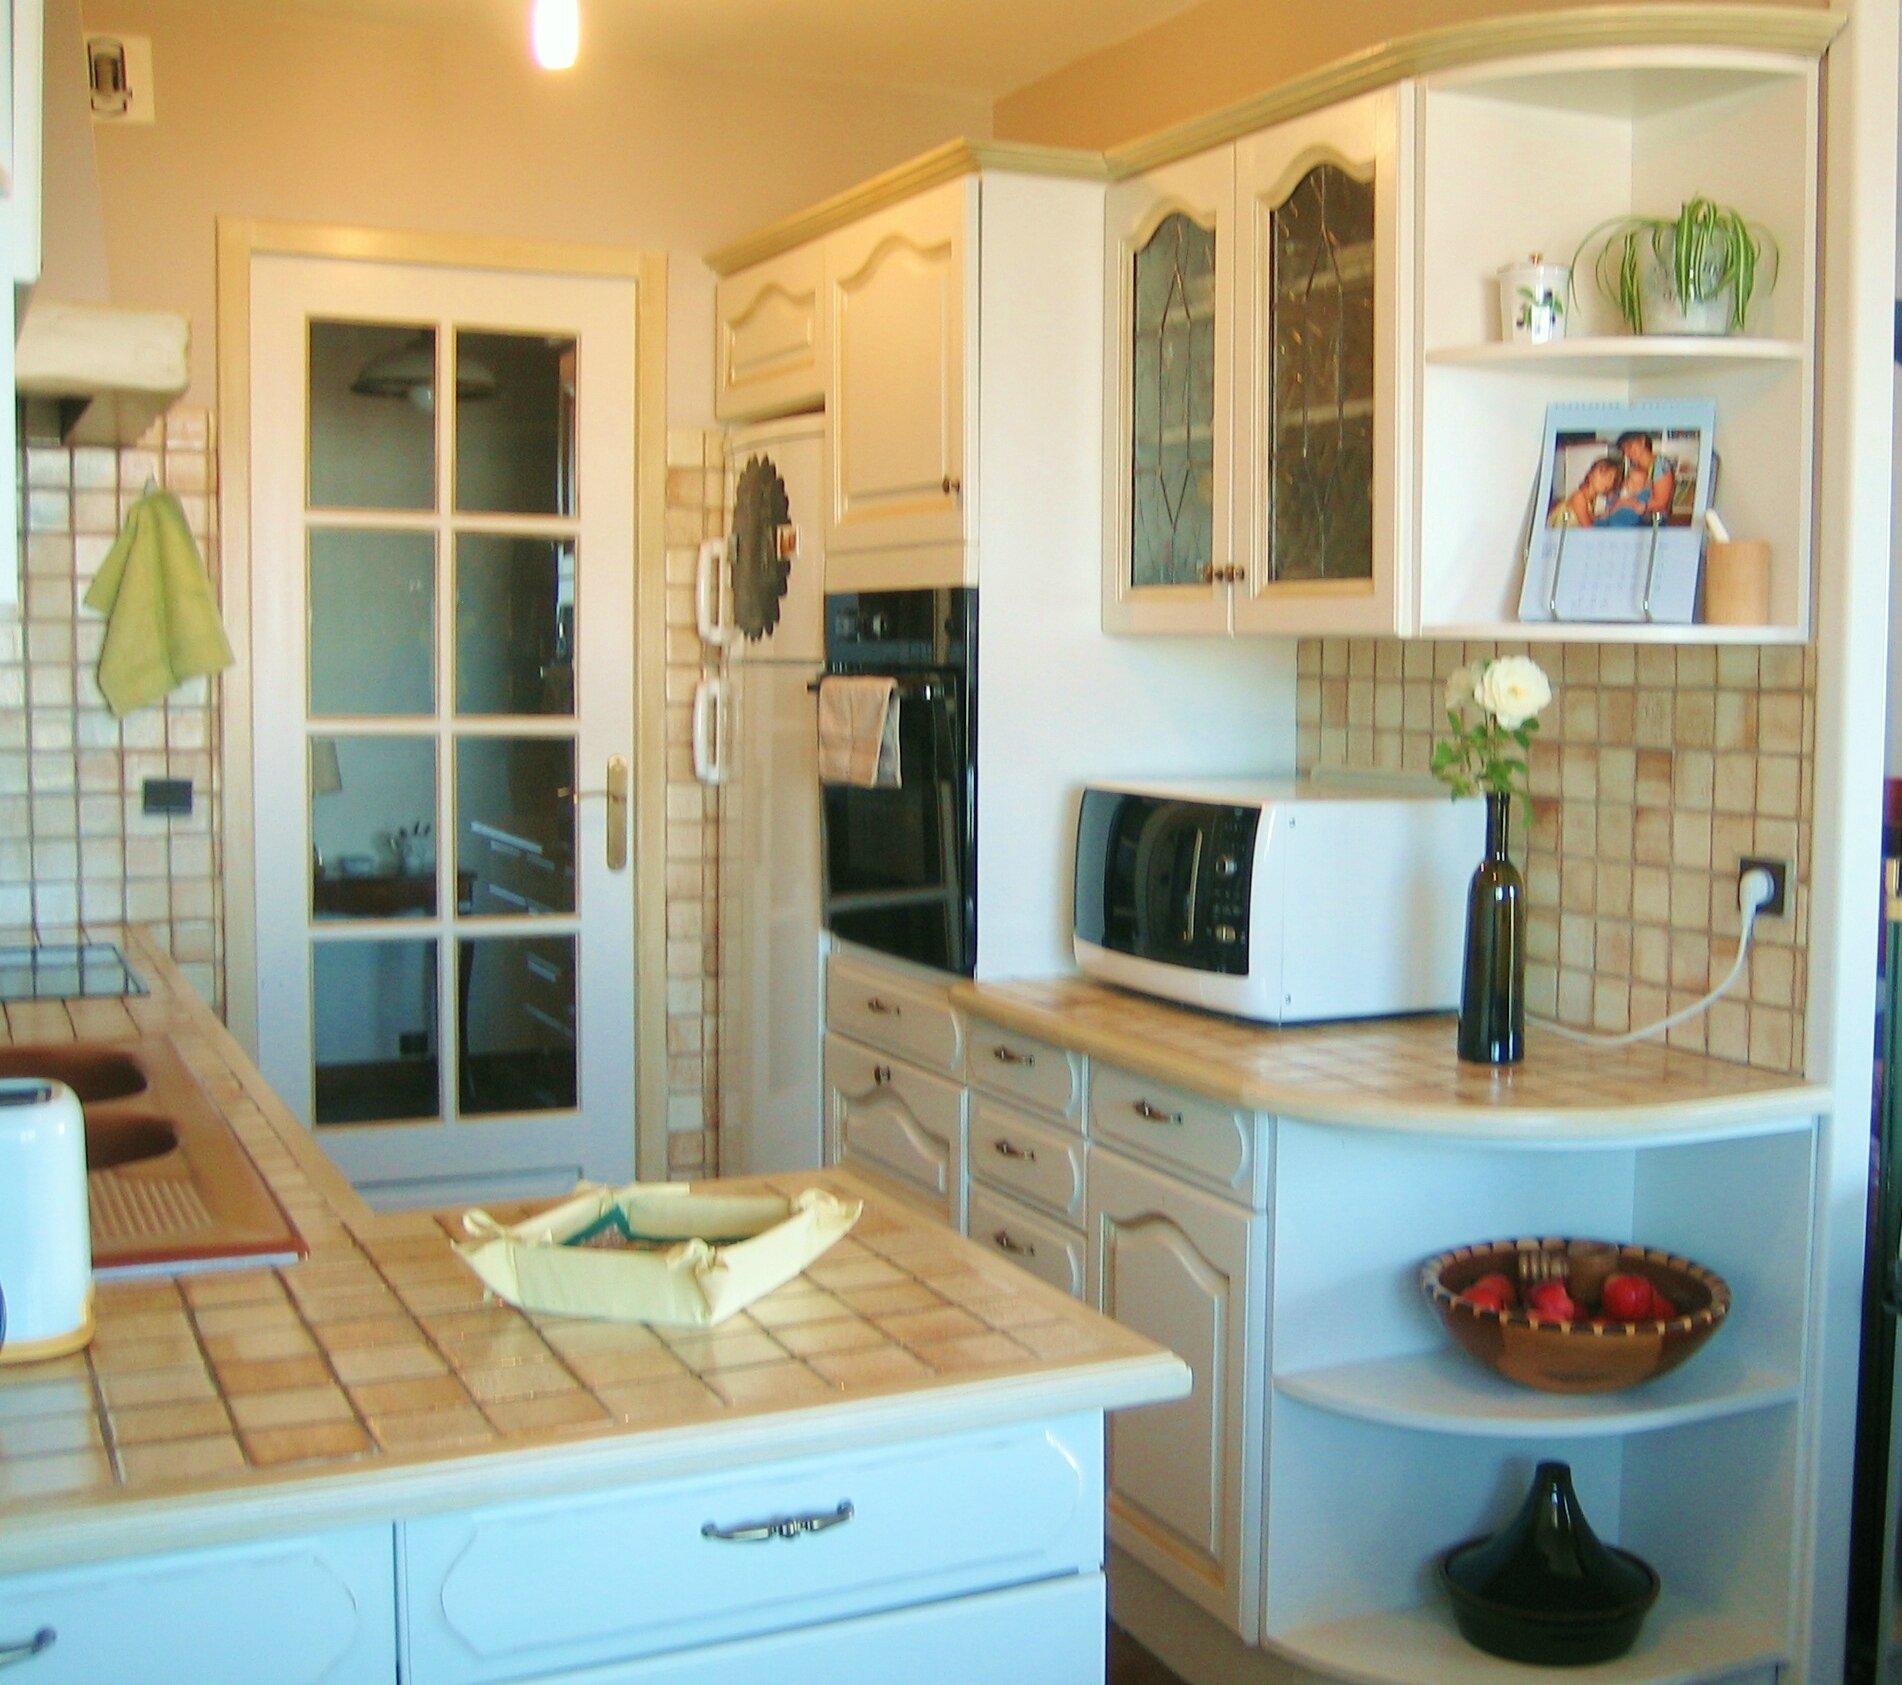 Nouveau look pour cette cuisine peinte et patin e la - Photo de cuisine ...